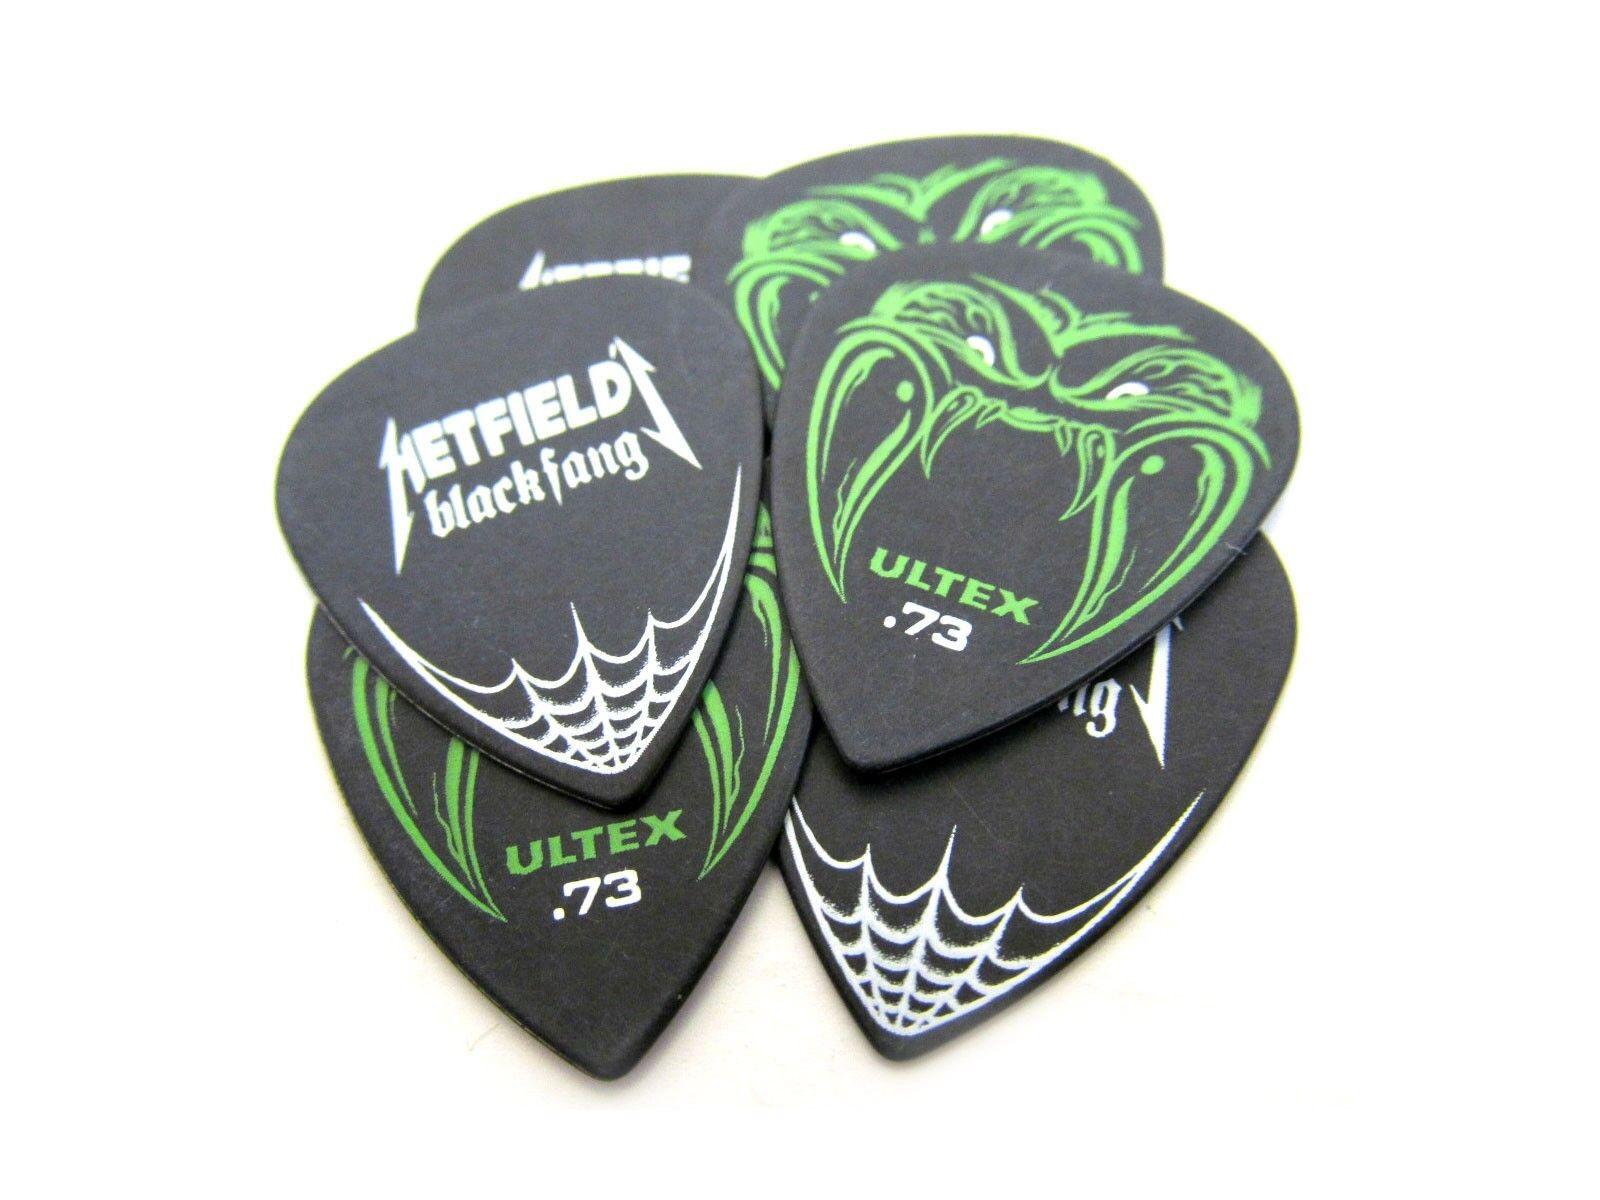 dunlop guitar picks james hetfield metallica black fang 73mm 6 pack ebay. Black Bedroom Furniture Sets. Home Design Ideas